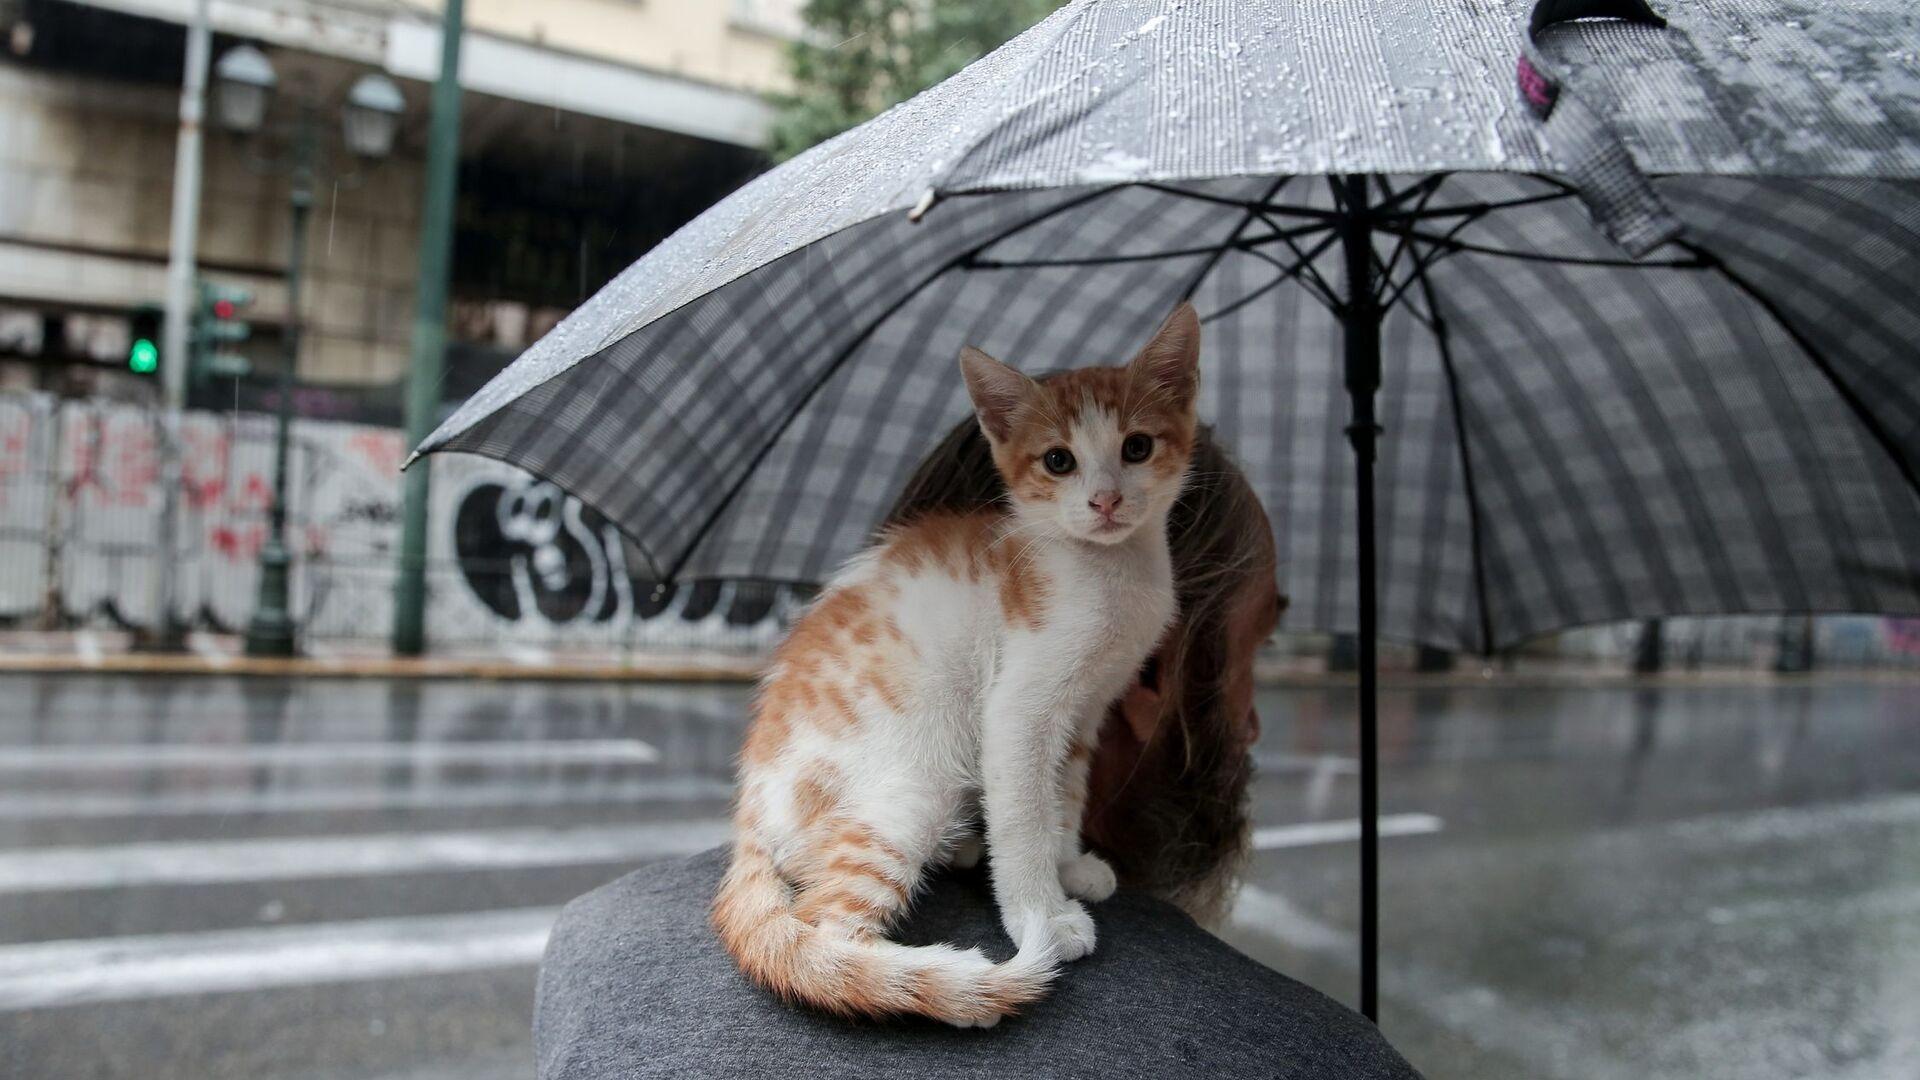 Βροχή στην Αθήνα - Sputnik Ελλάδα, 1920, 12.09.2021